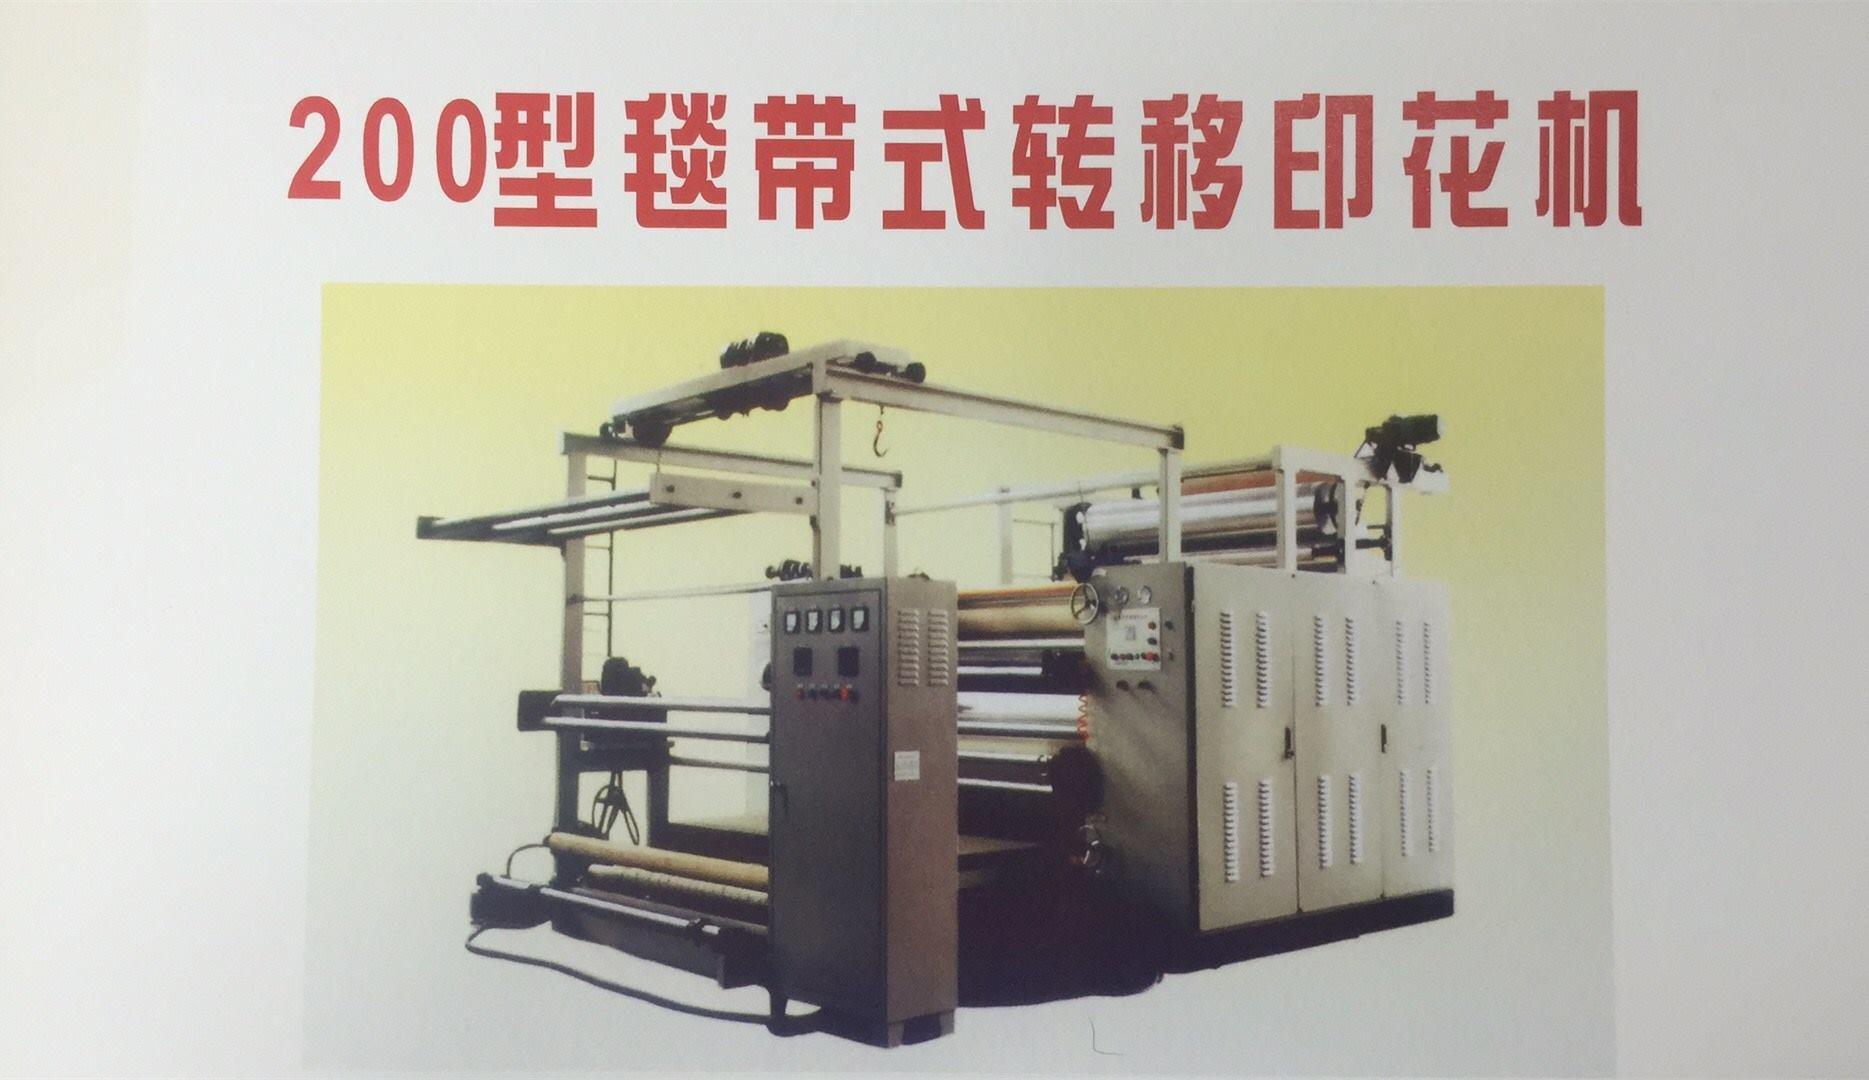 印花机经销商_印花机_无锡明喆机械